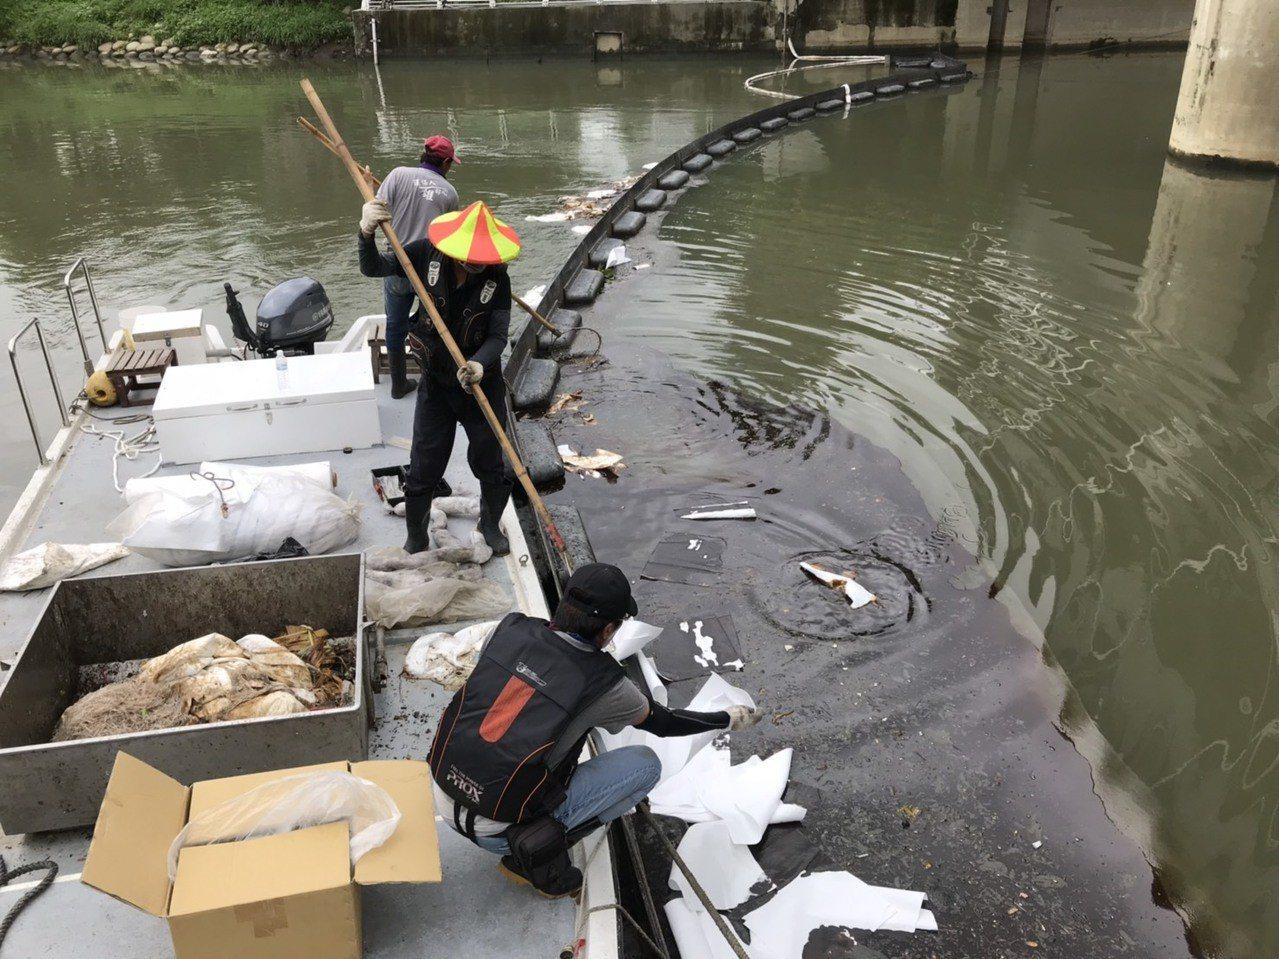 高雄市環保局人員以吸油棉清除愛河河面上的油汙。圖/高雄市環保局提供